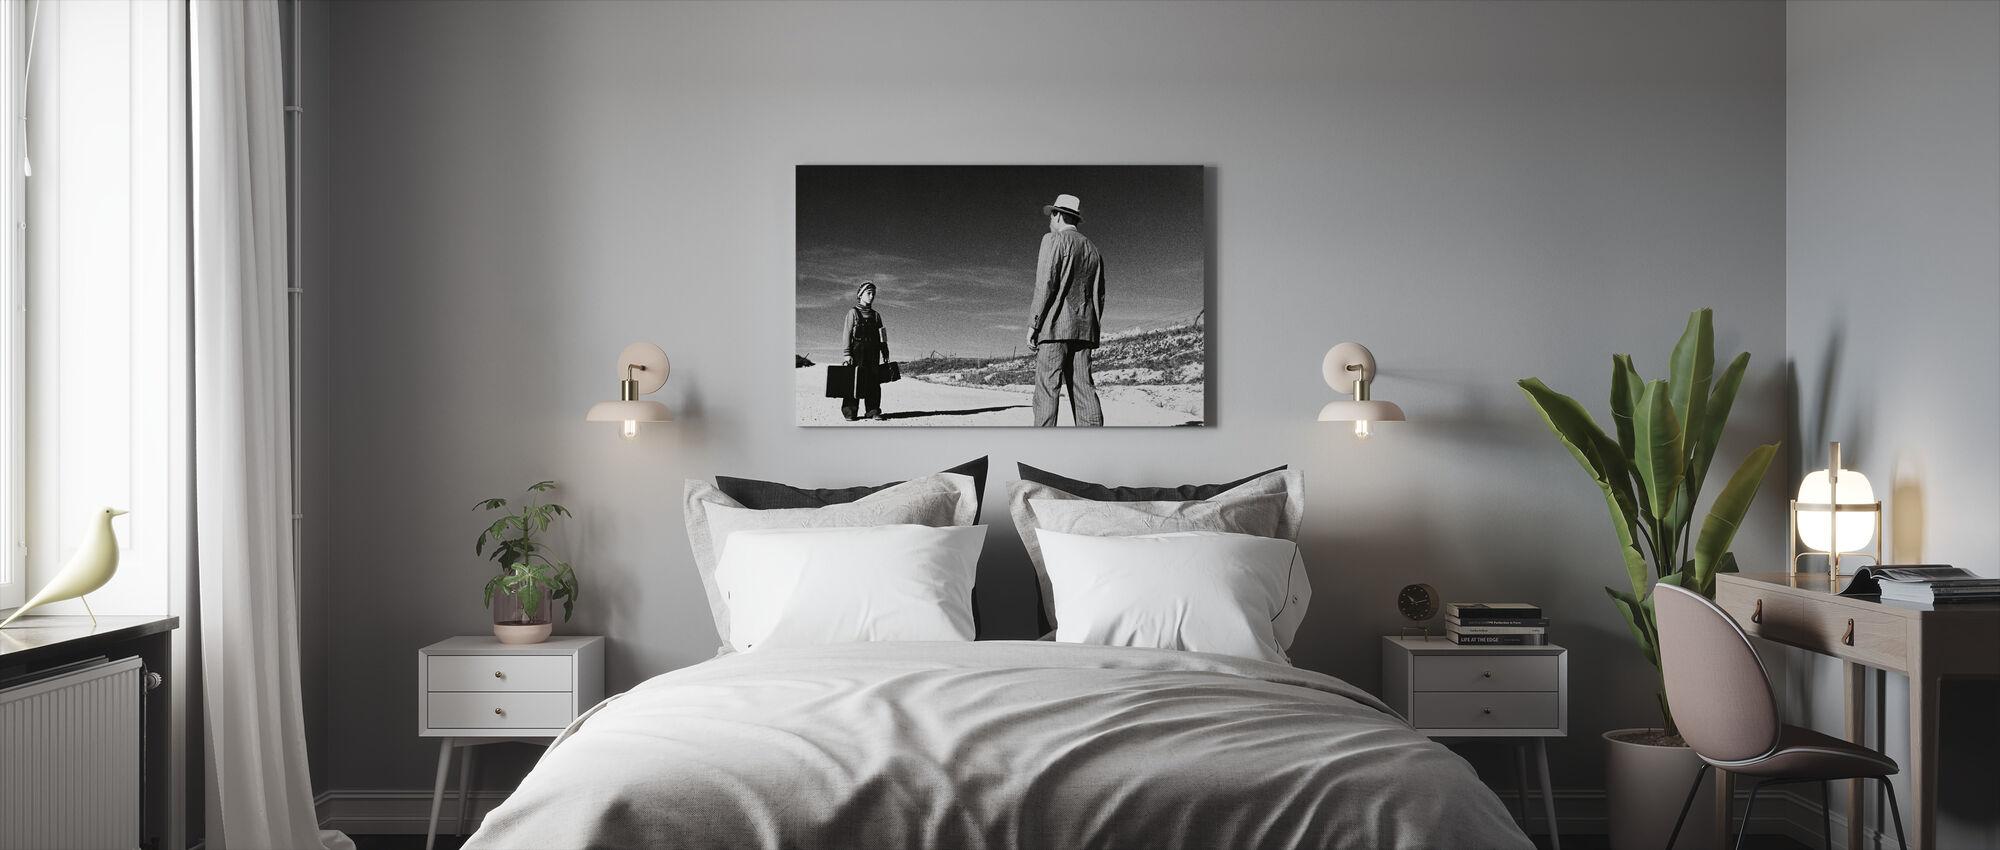 Papieren Maan - Ryan Oneal en Tatum Oneal - Canvas print - Slaapkamer